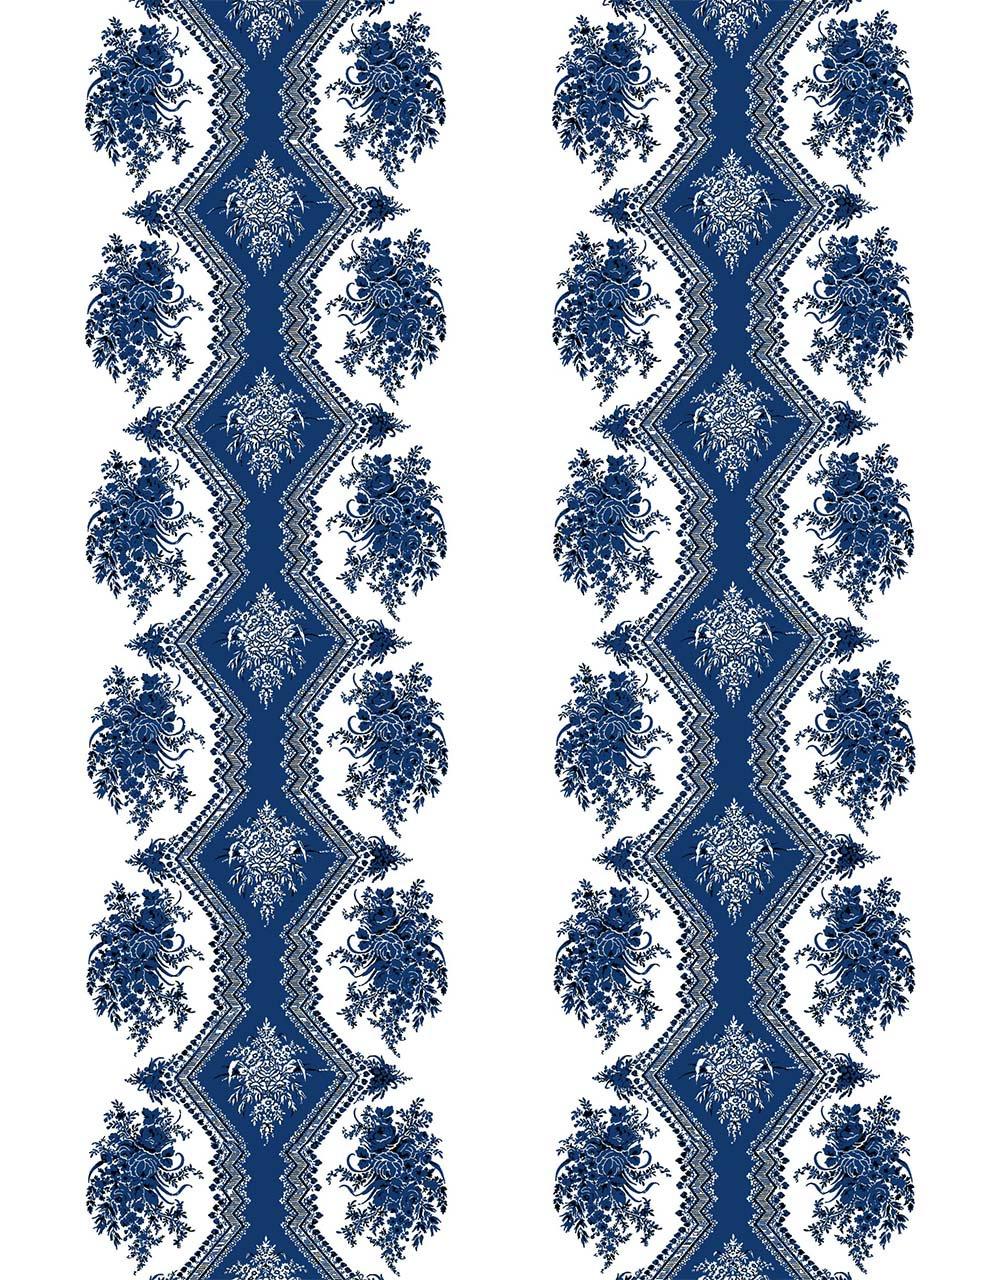 フランス壁紙 フリース(不織布) - 防炎加工 マドレーヌ・カスタン デザイン 《コッペリア》 ブルー